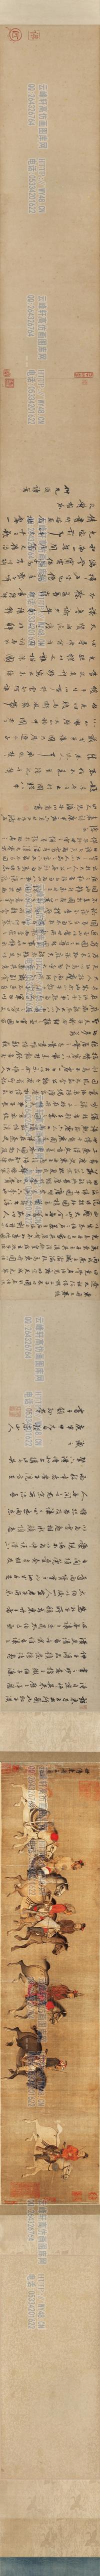 李赞华-东丹王出行图-绢本